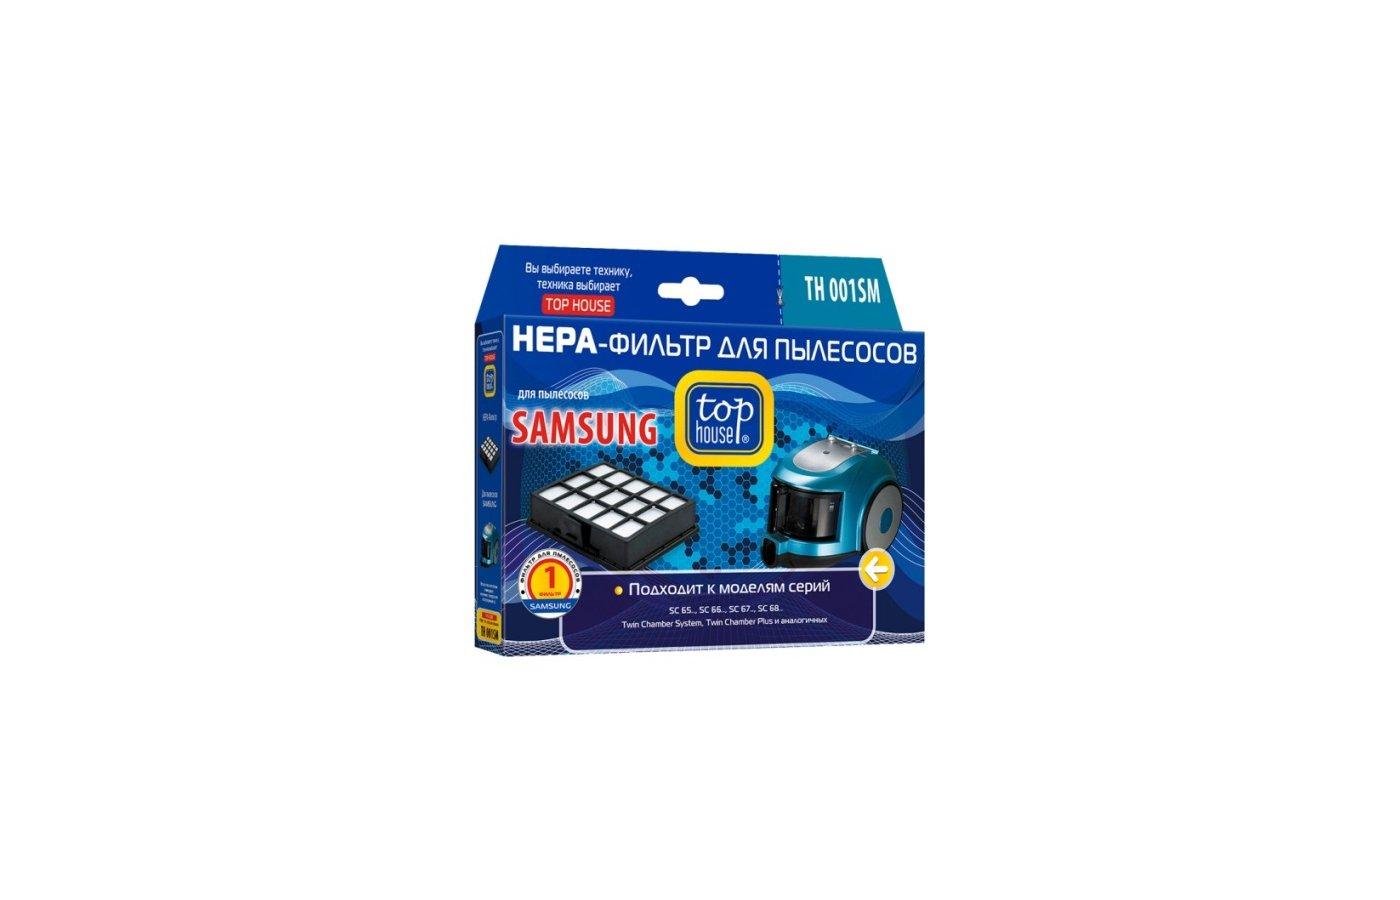 Фильтр для пылесоса TOP HOUSE 392814 TH 001SM HEPA-Фильтр для пылесосов SAMSUNG, 1 шт.